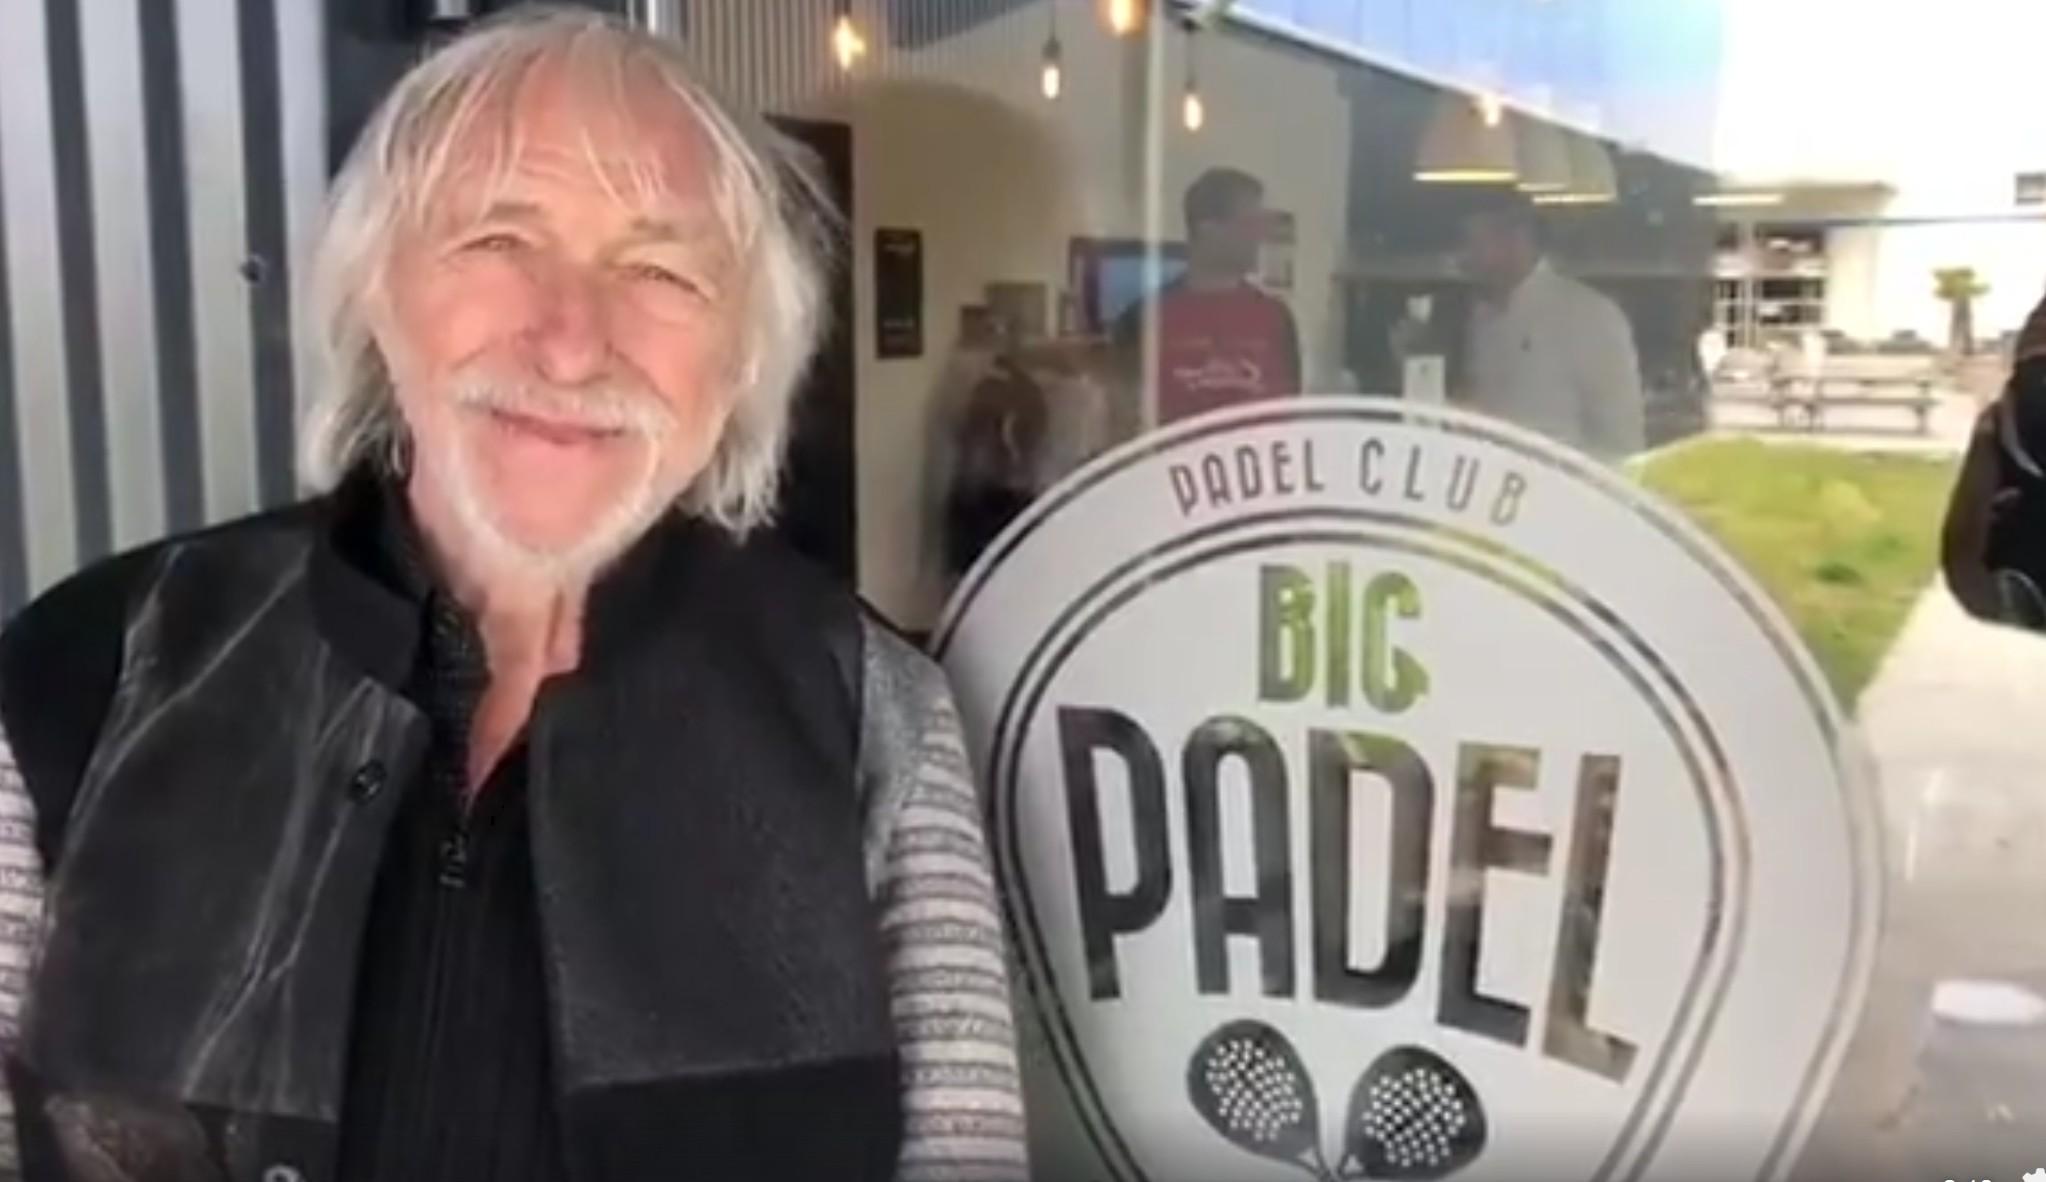 L'acteur Pierre Richard décrit le padel comme jamais au BIG PADEL Bordeaux